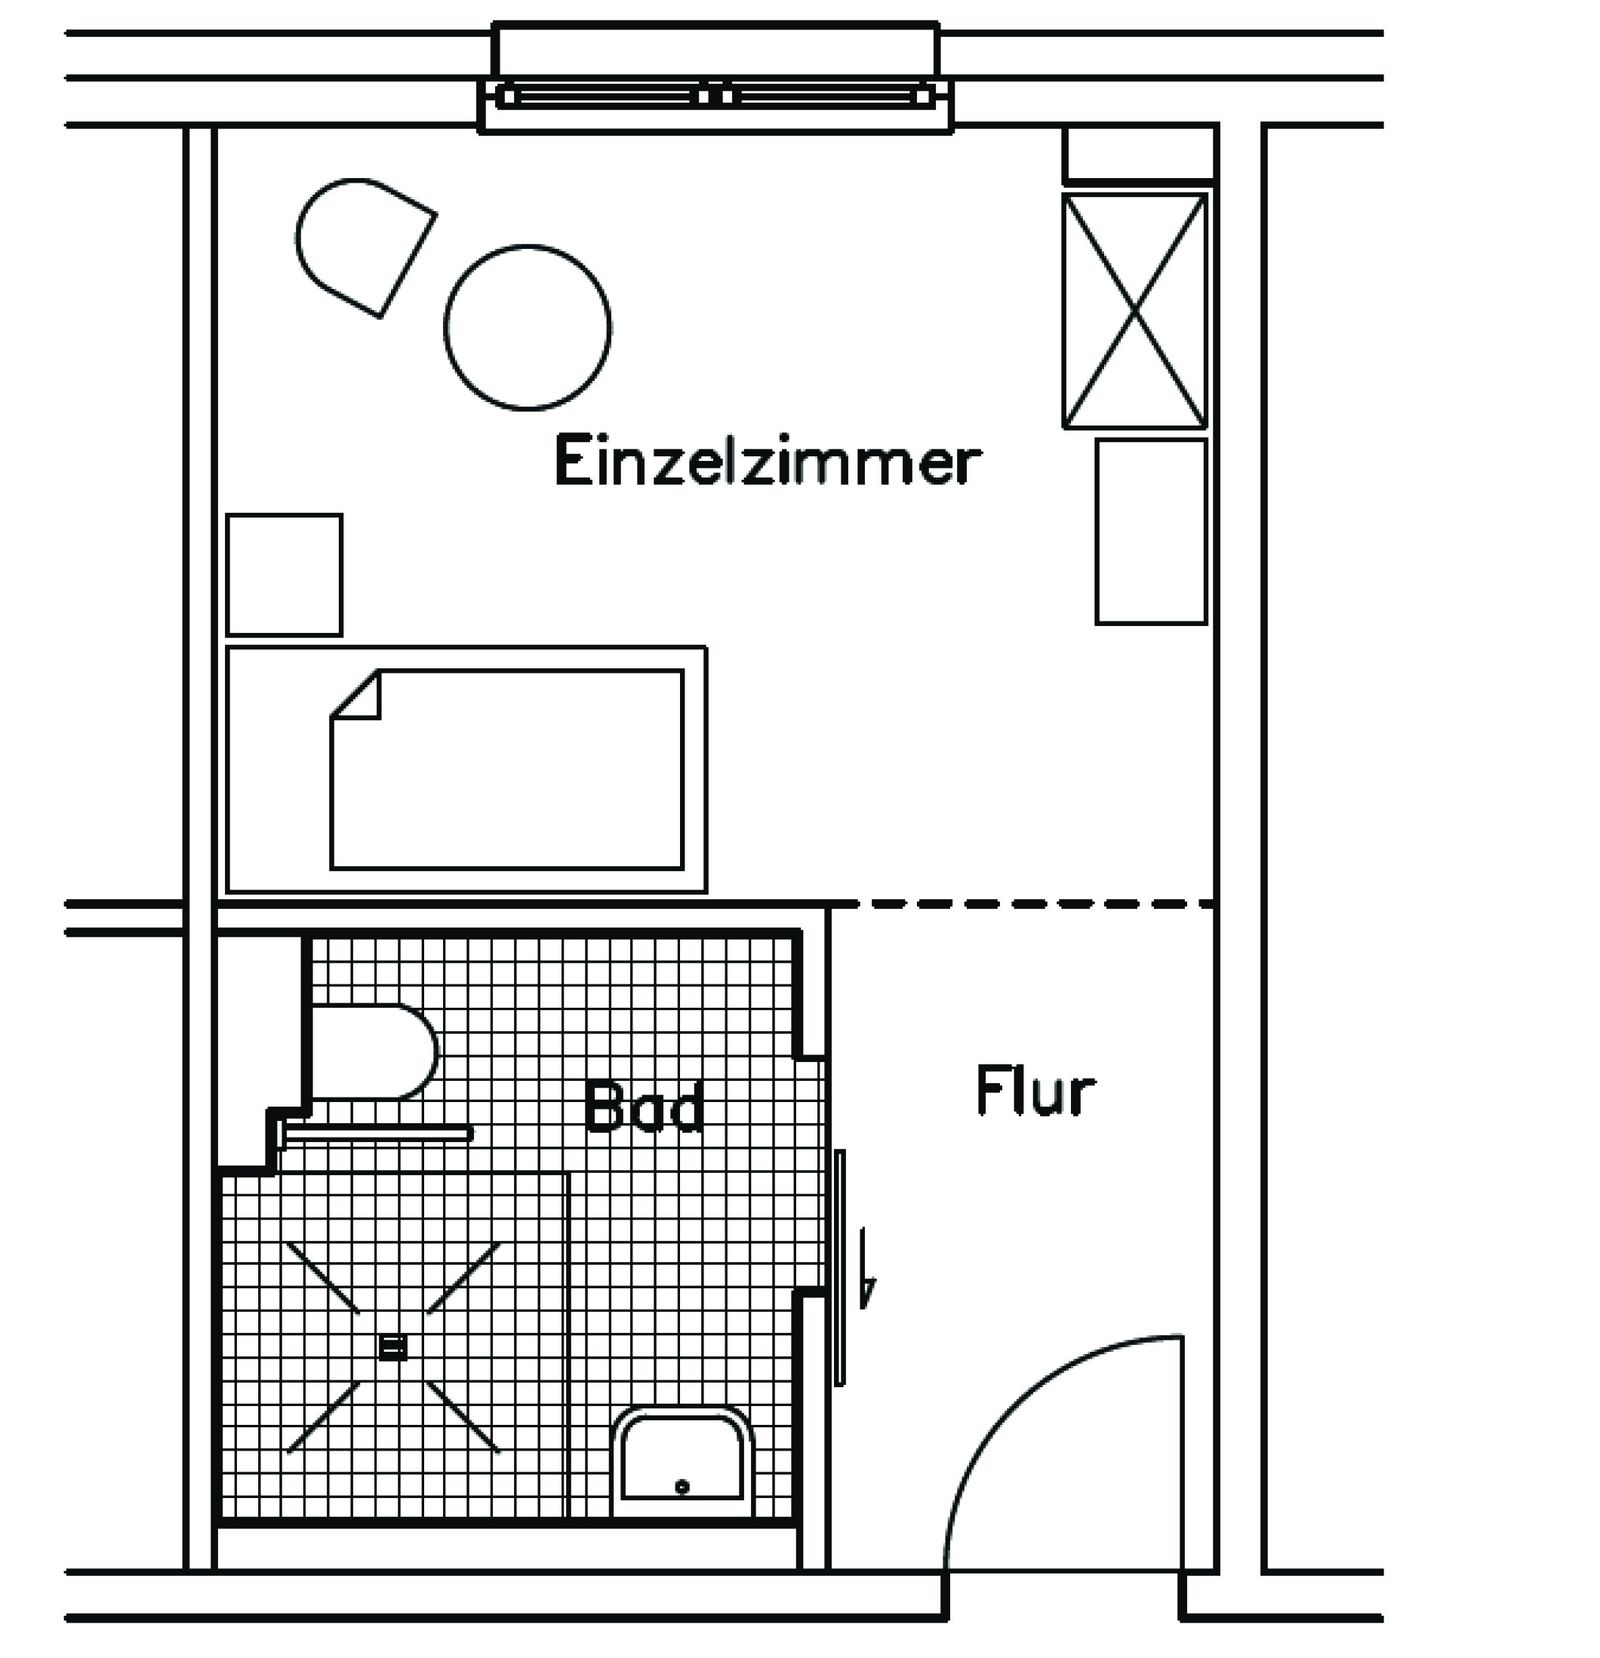 Grundriss eines Einzelzimmers im Karl-Heller-Stift